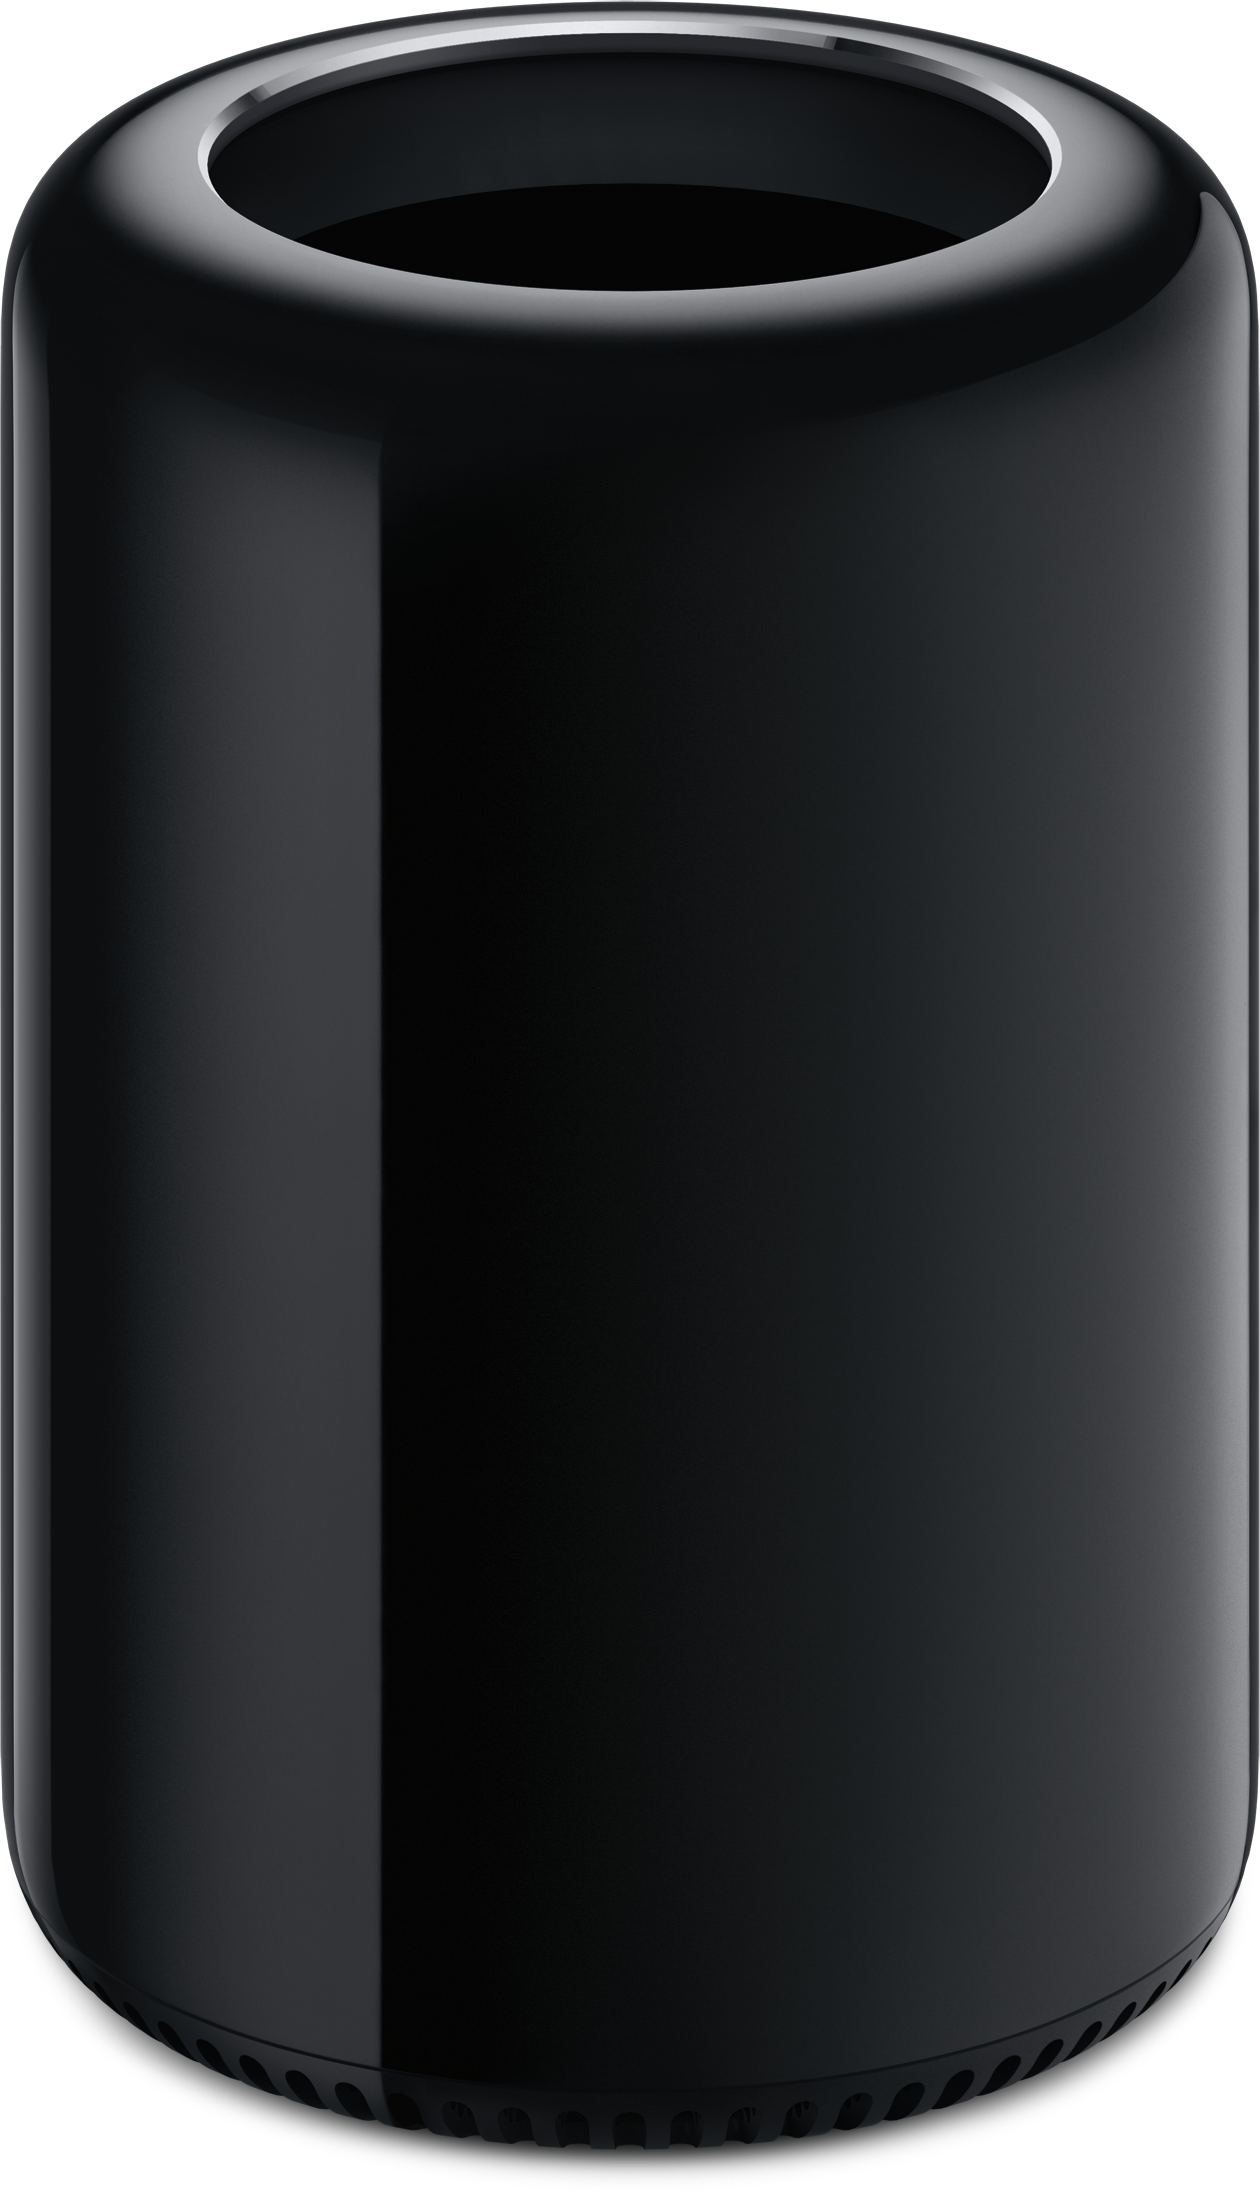 Mac Pro de frente e cima